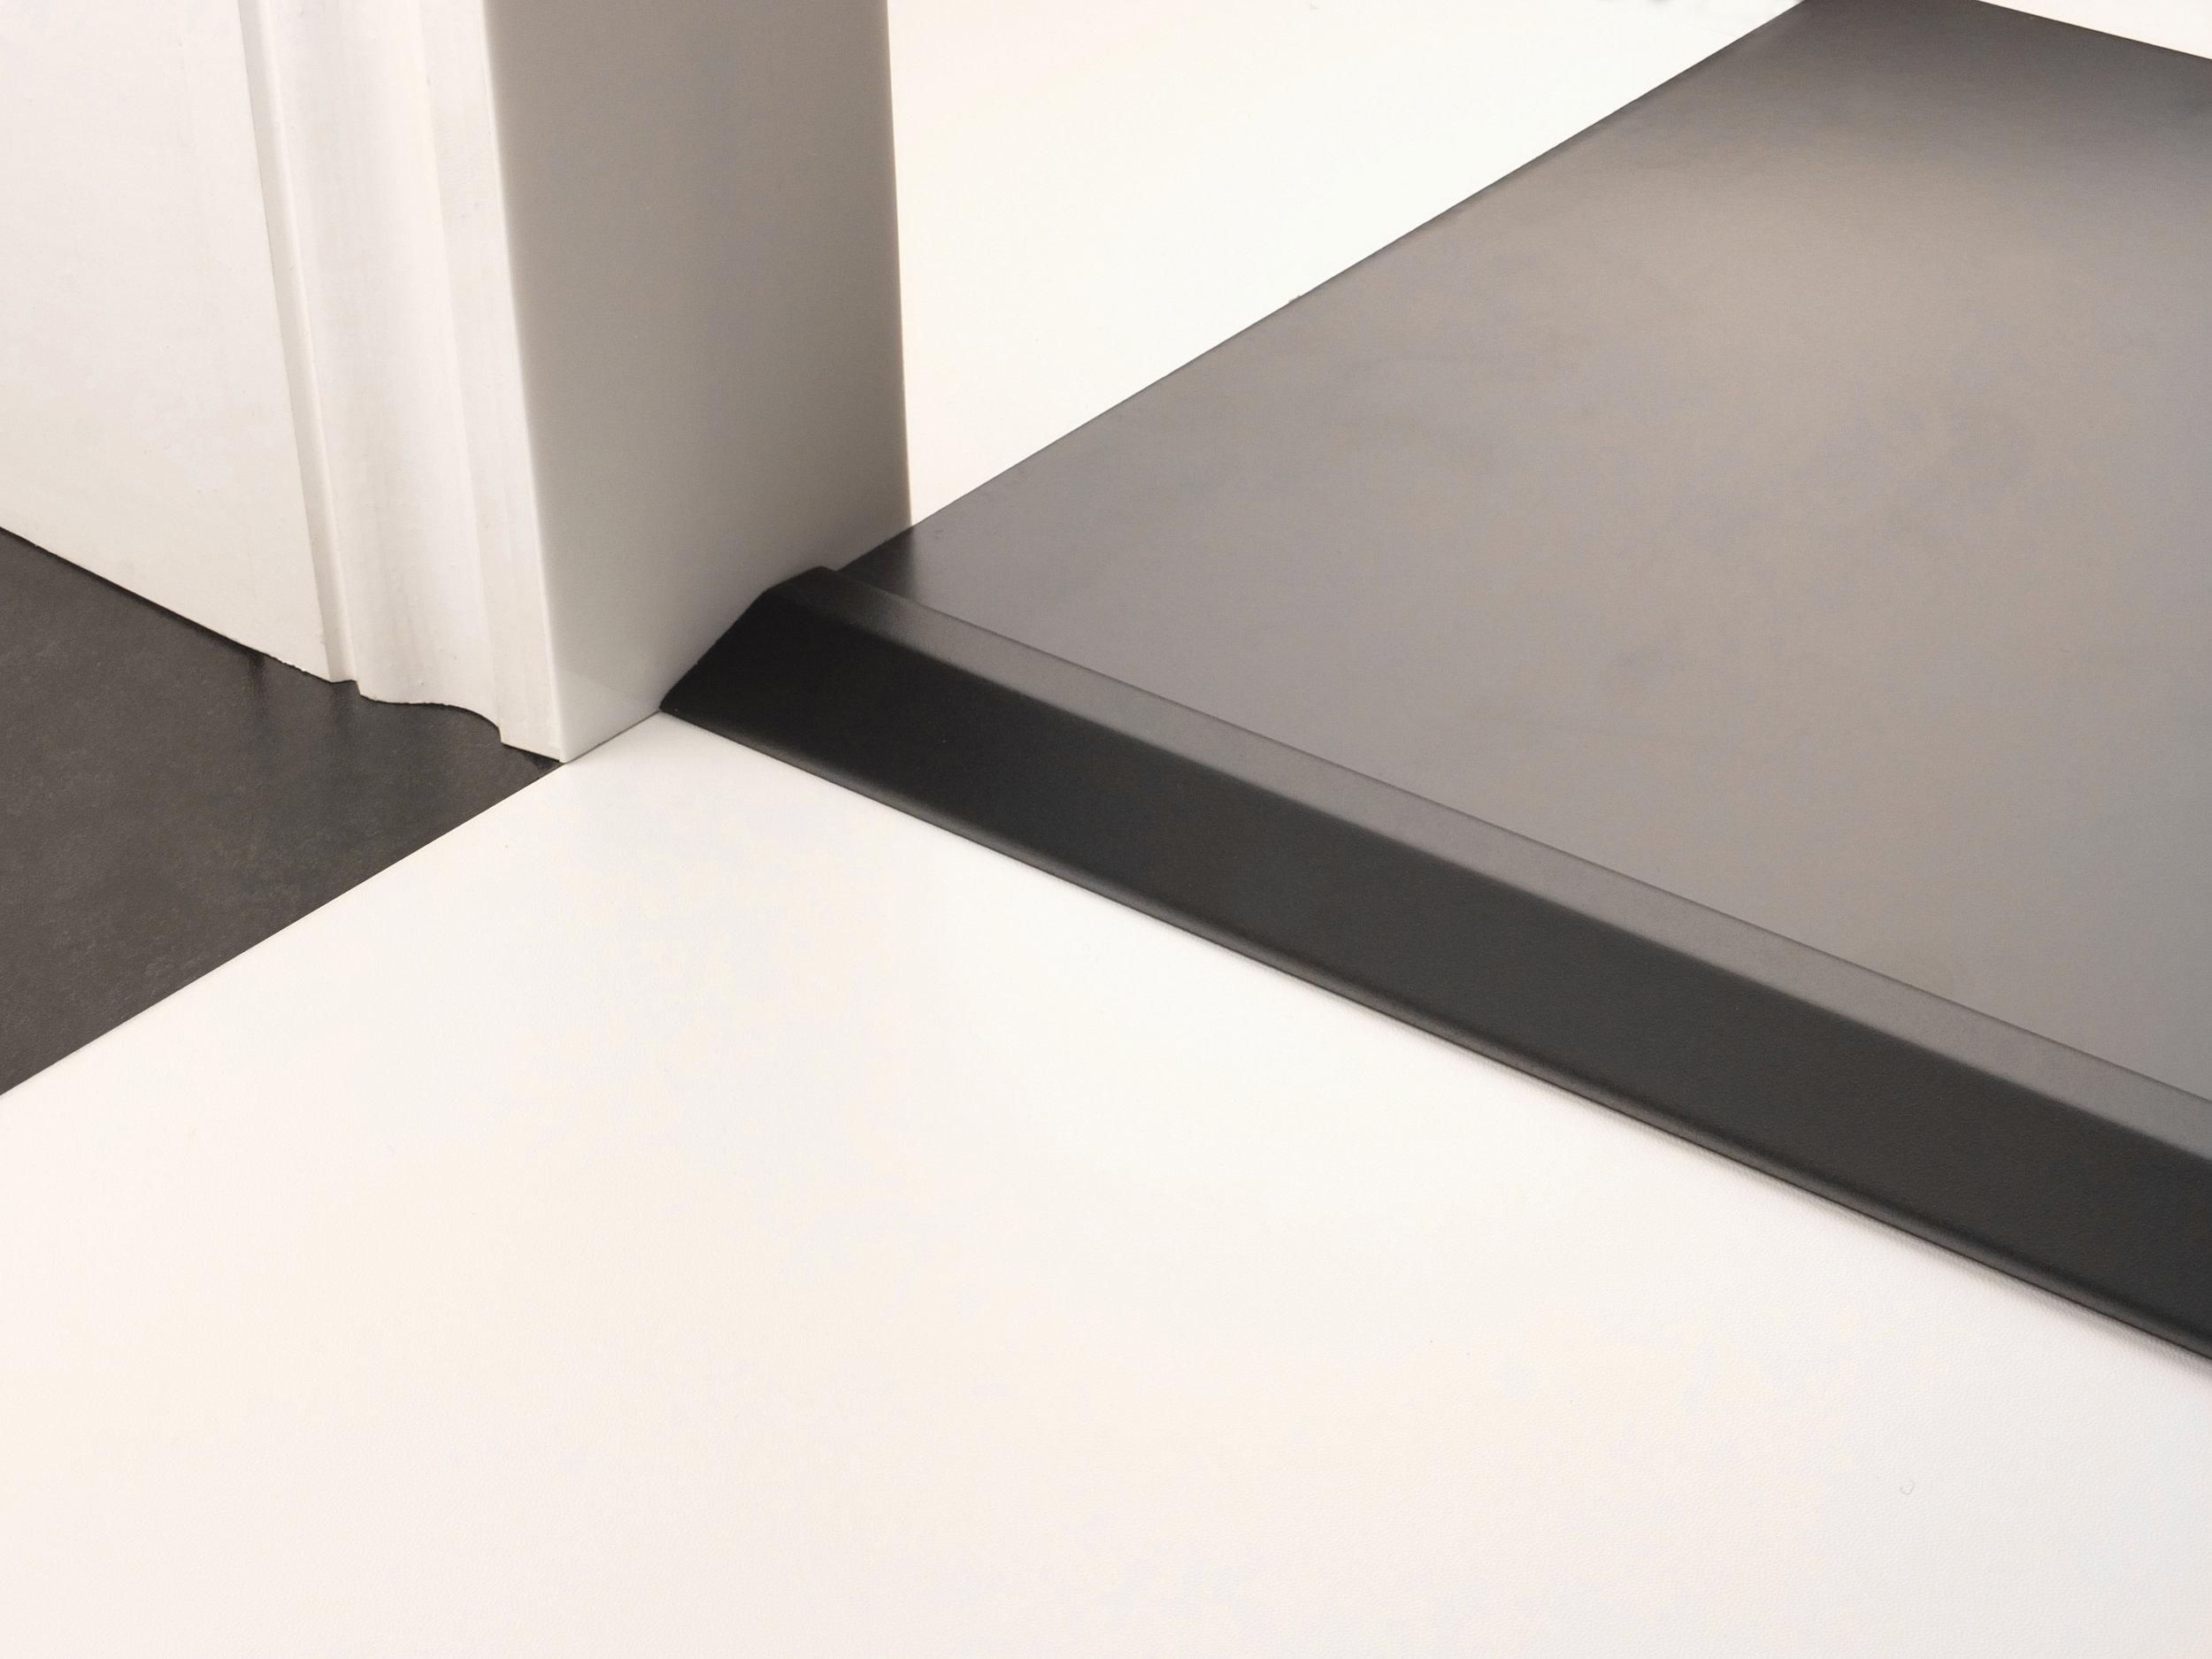 stairrods-doorbar-black-ramp.jpg